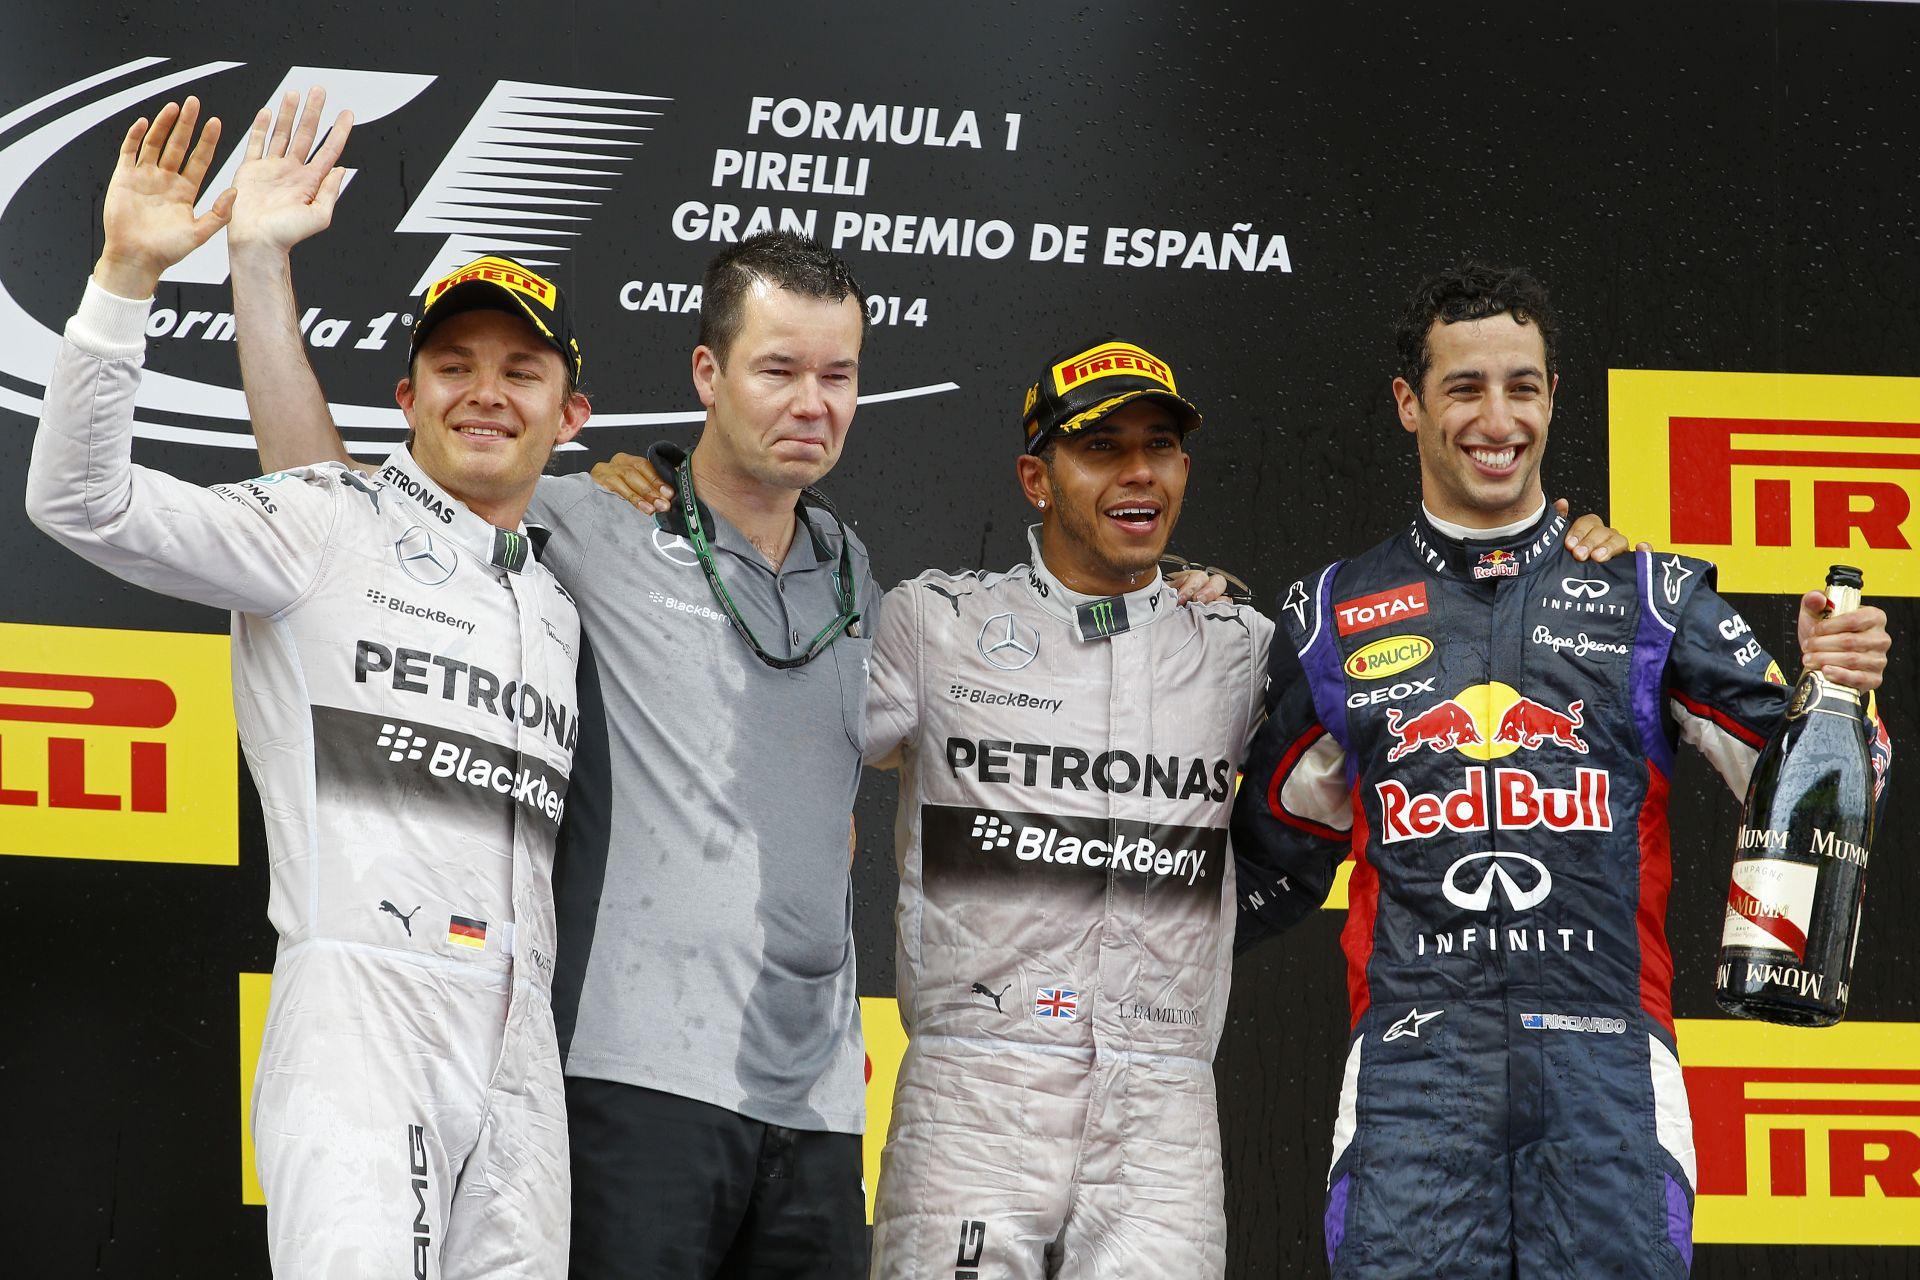 Hamilton nem hiszi el, Rosberg kivan, Ricciardo elvan